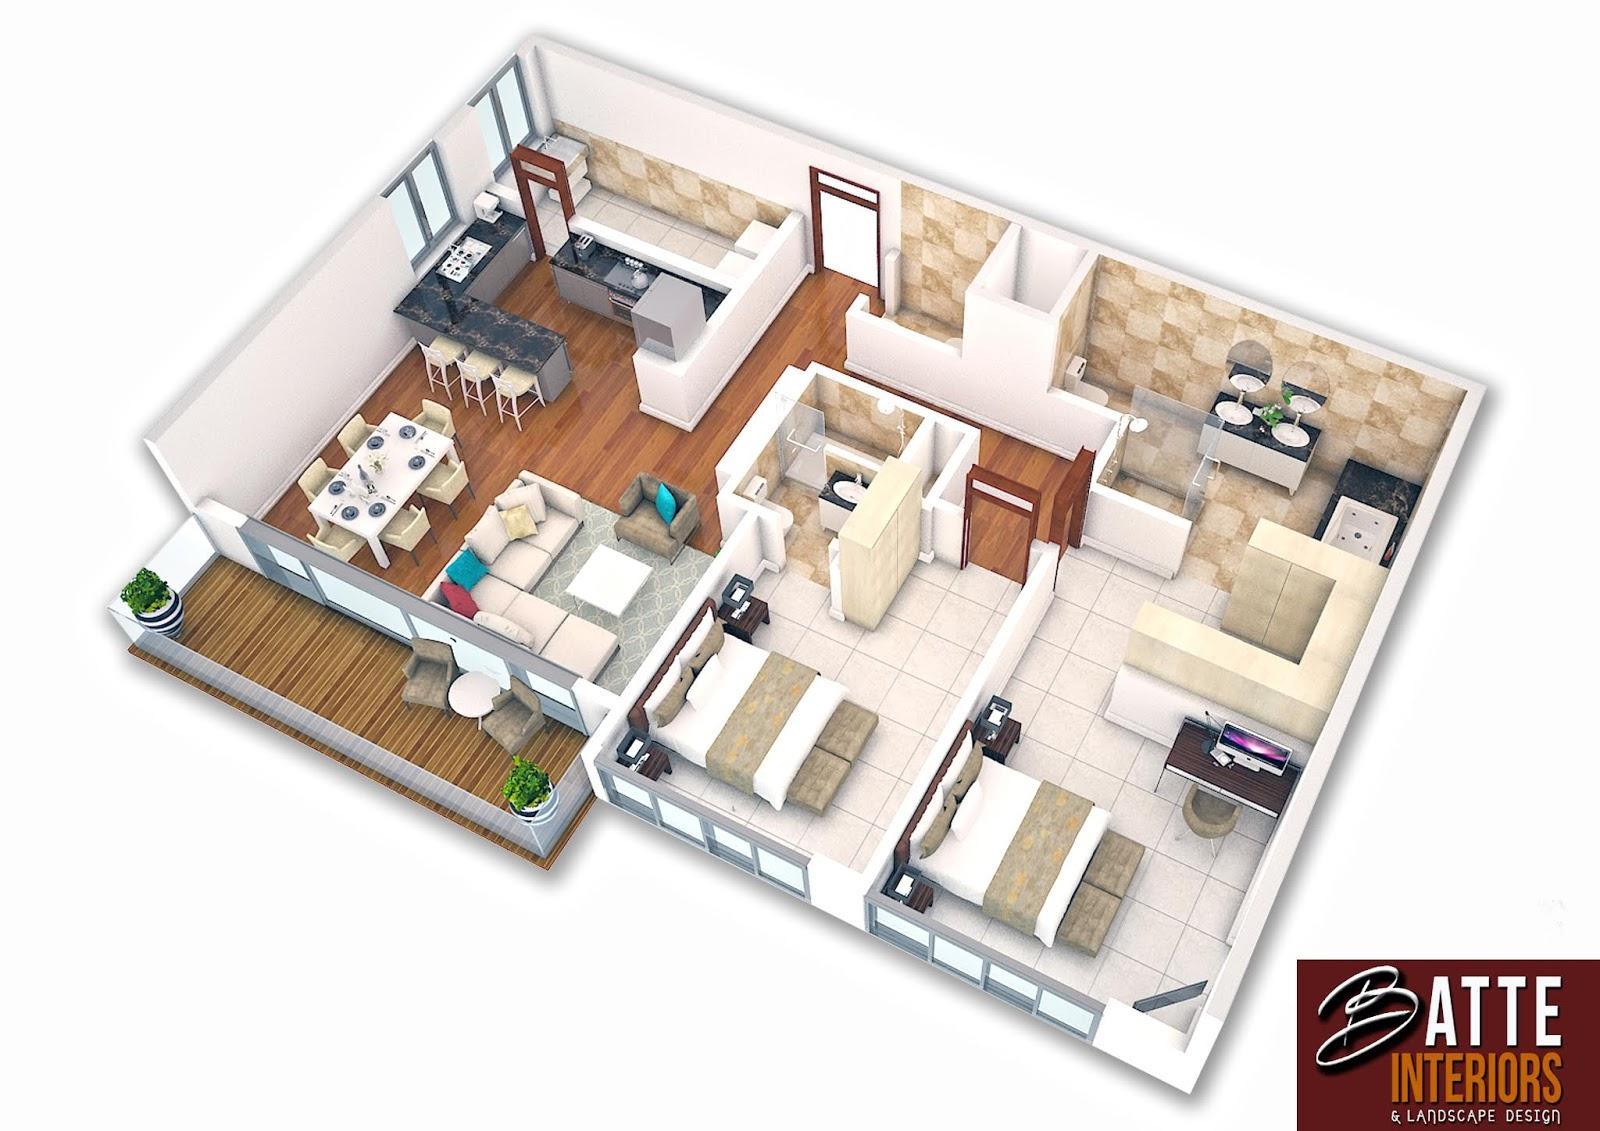 Interior Design Uganda 3d Furniture Layout Plans By Batte